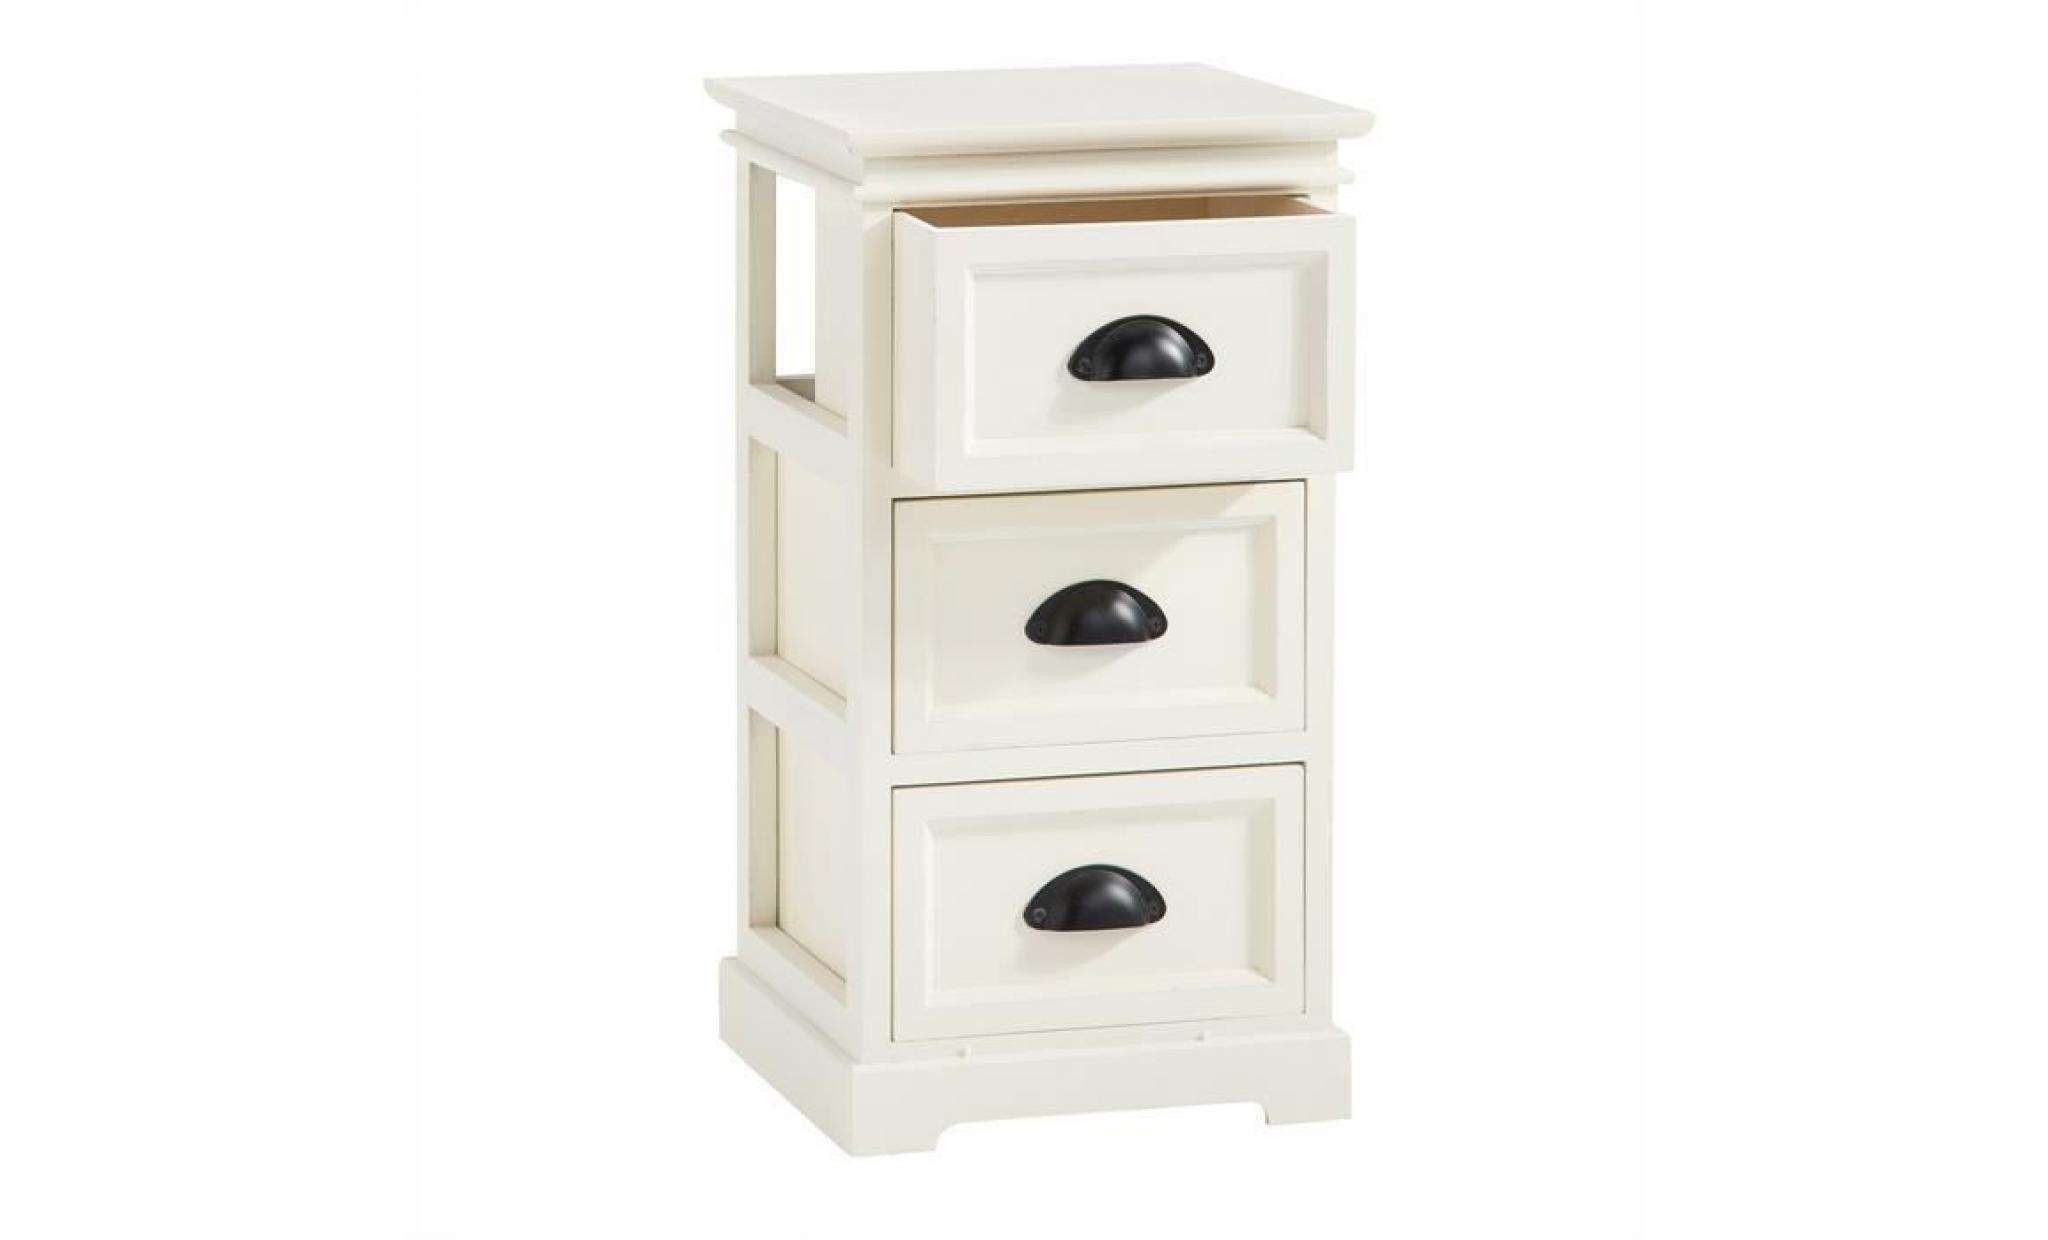 de chic classique de landhaus nuit style de shabby chevet table tiroirs table en vintage 3 bois paulownia blanc MUVLqjpSzG